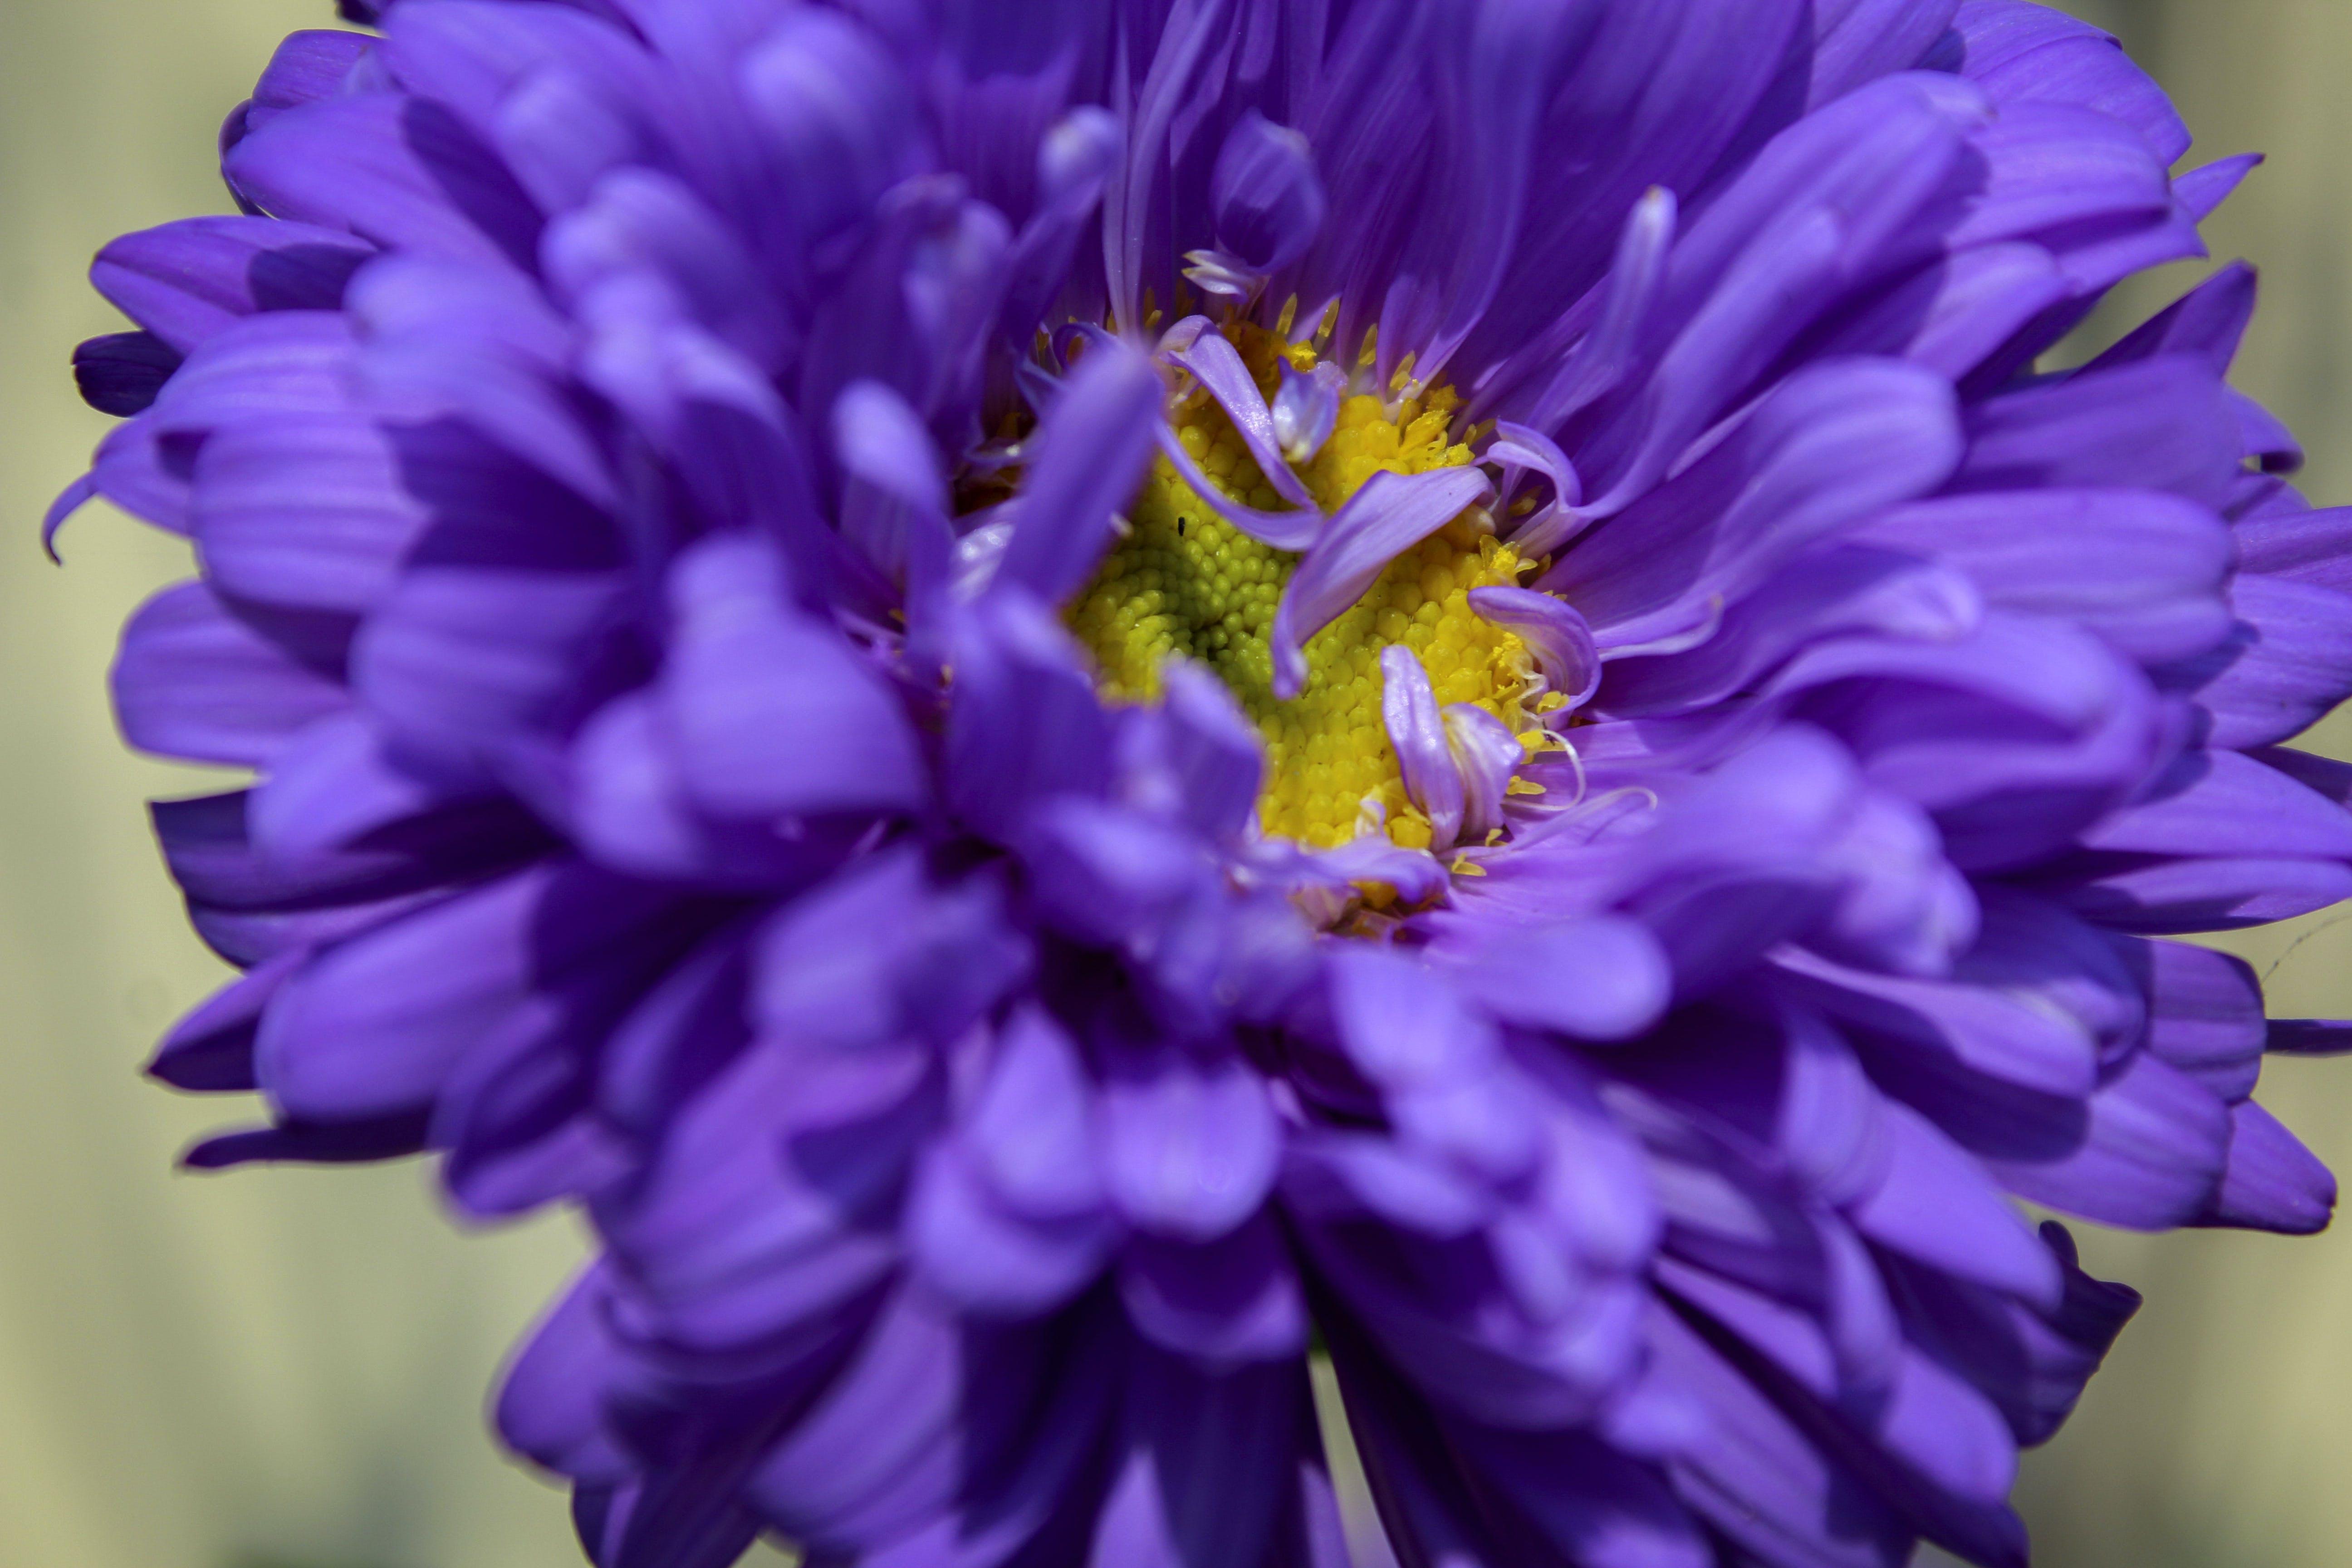 Gratis lagerfoto af blå blomster, kunstige blomster, smuk blomst